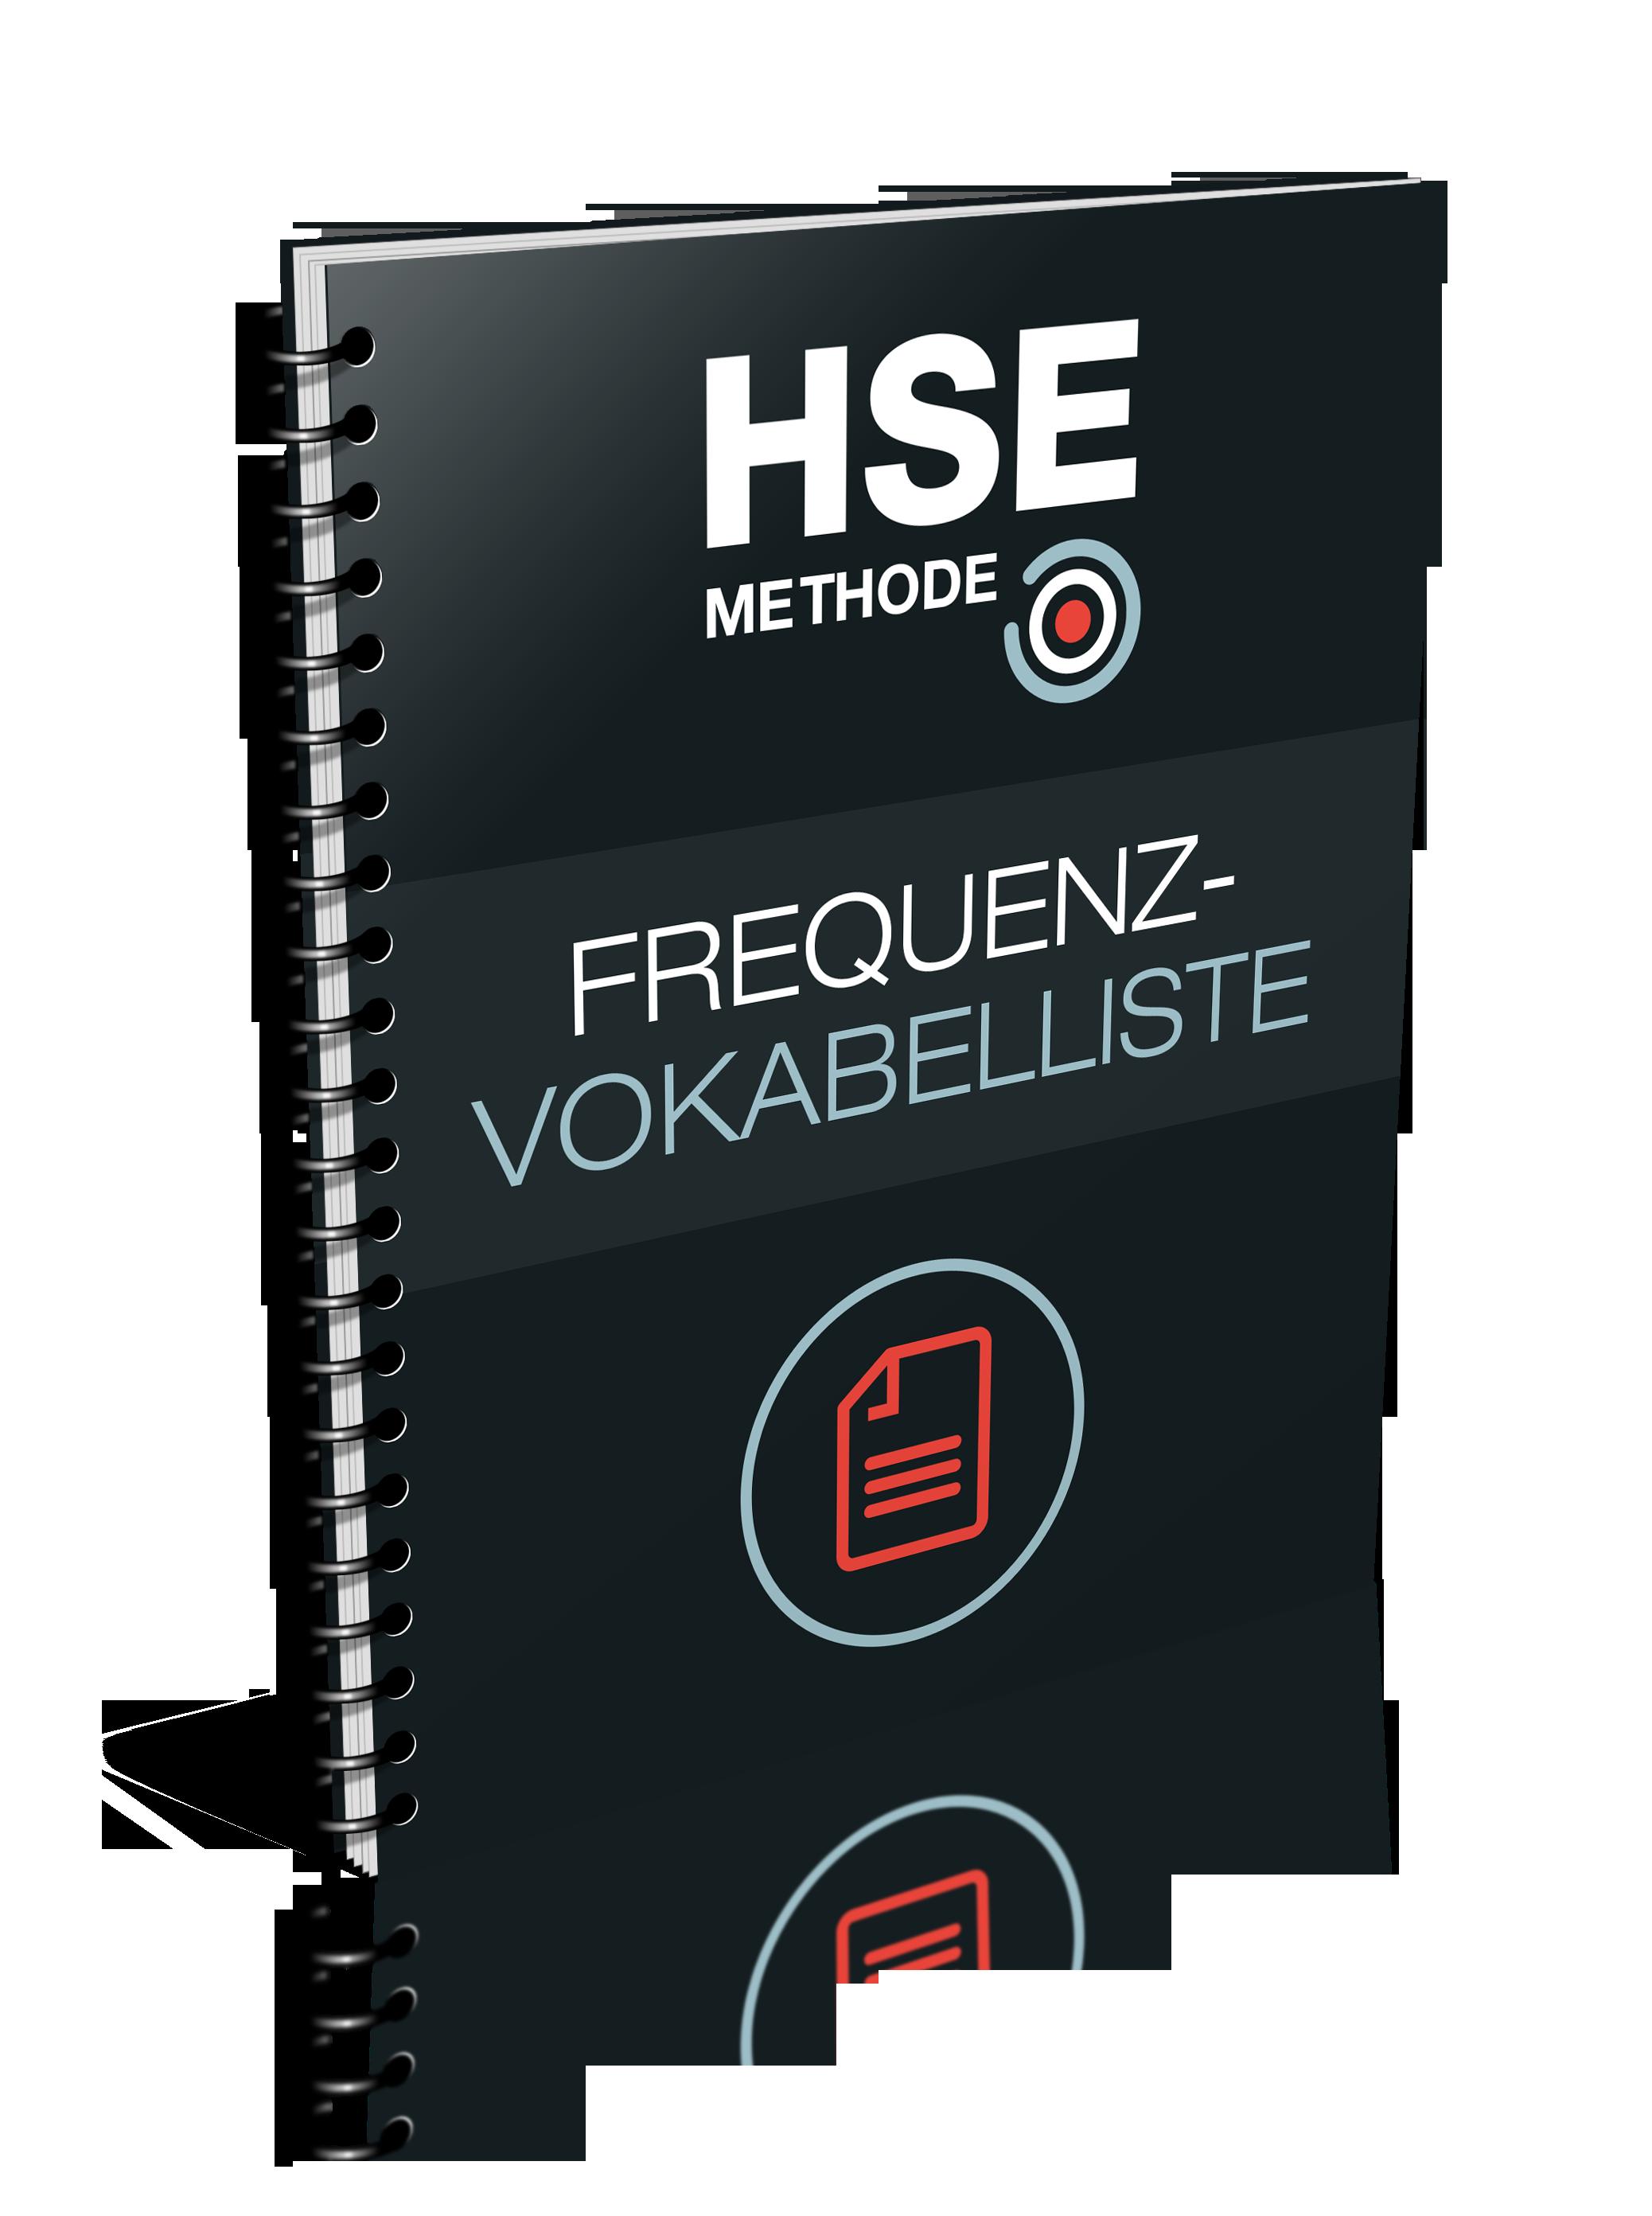 HSE_Frequenz-Vokabelliste_rz